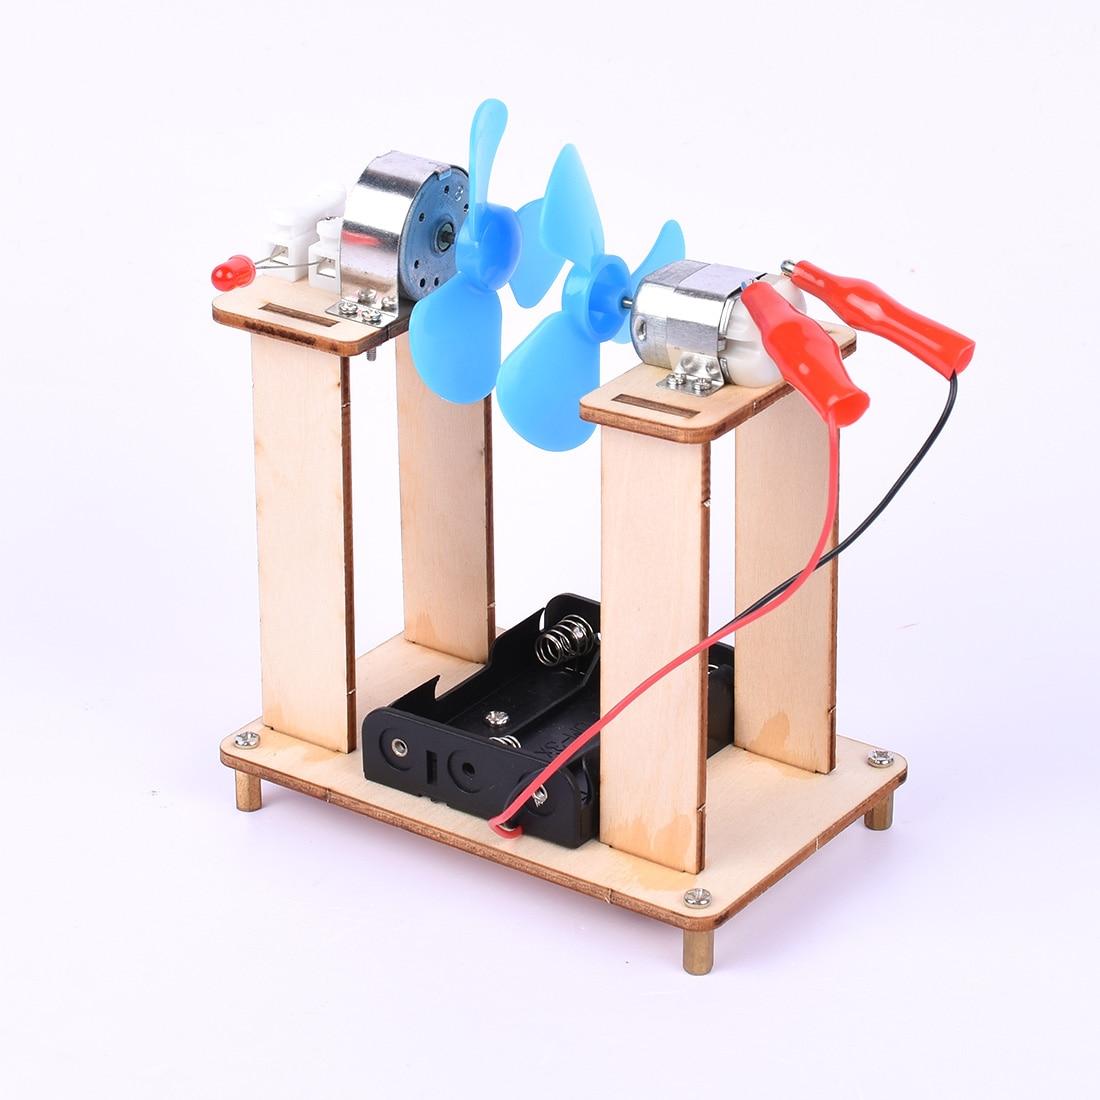 Ventilador Niños Viento Juguetes Invención 110 Ciencia Fabricación 135mm 70 De Diy Educativos dCBorex